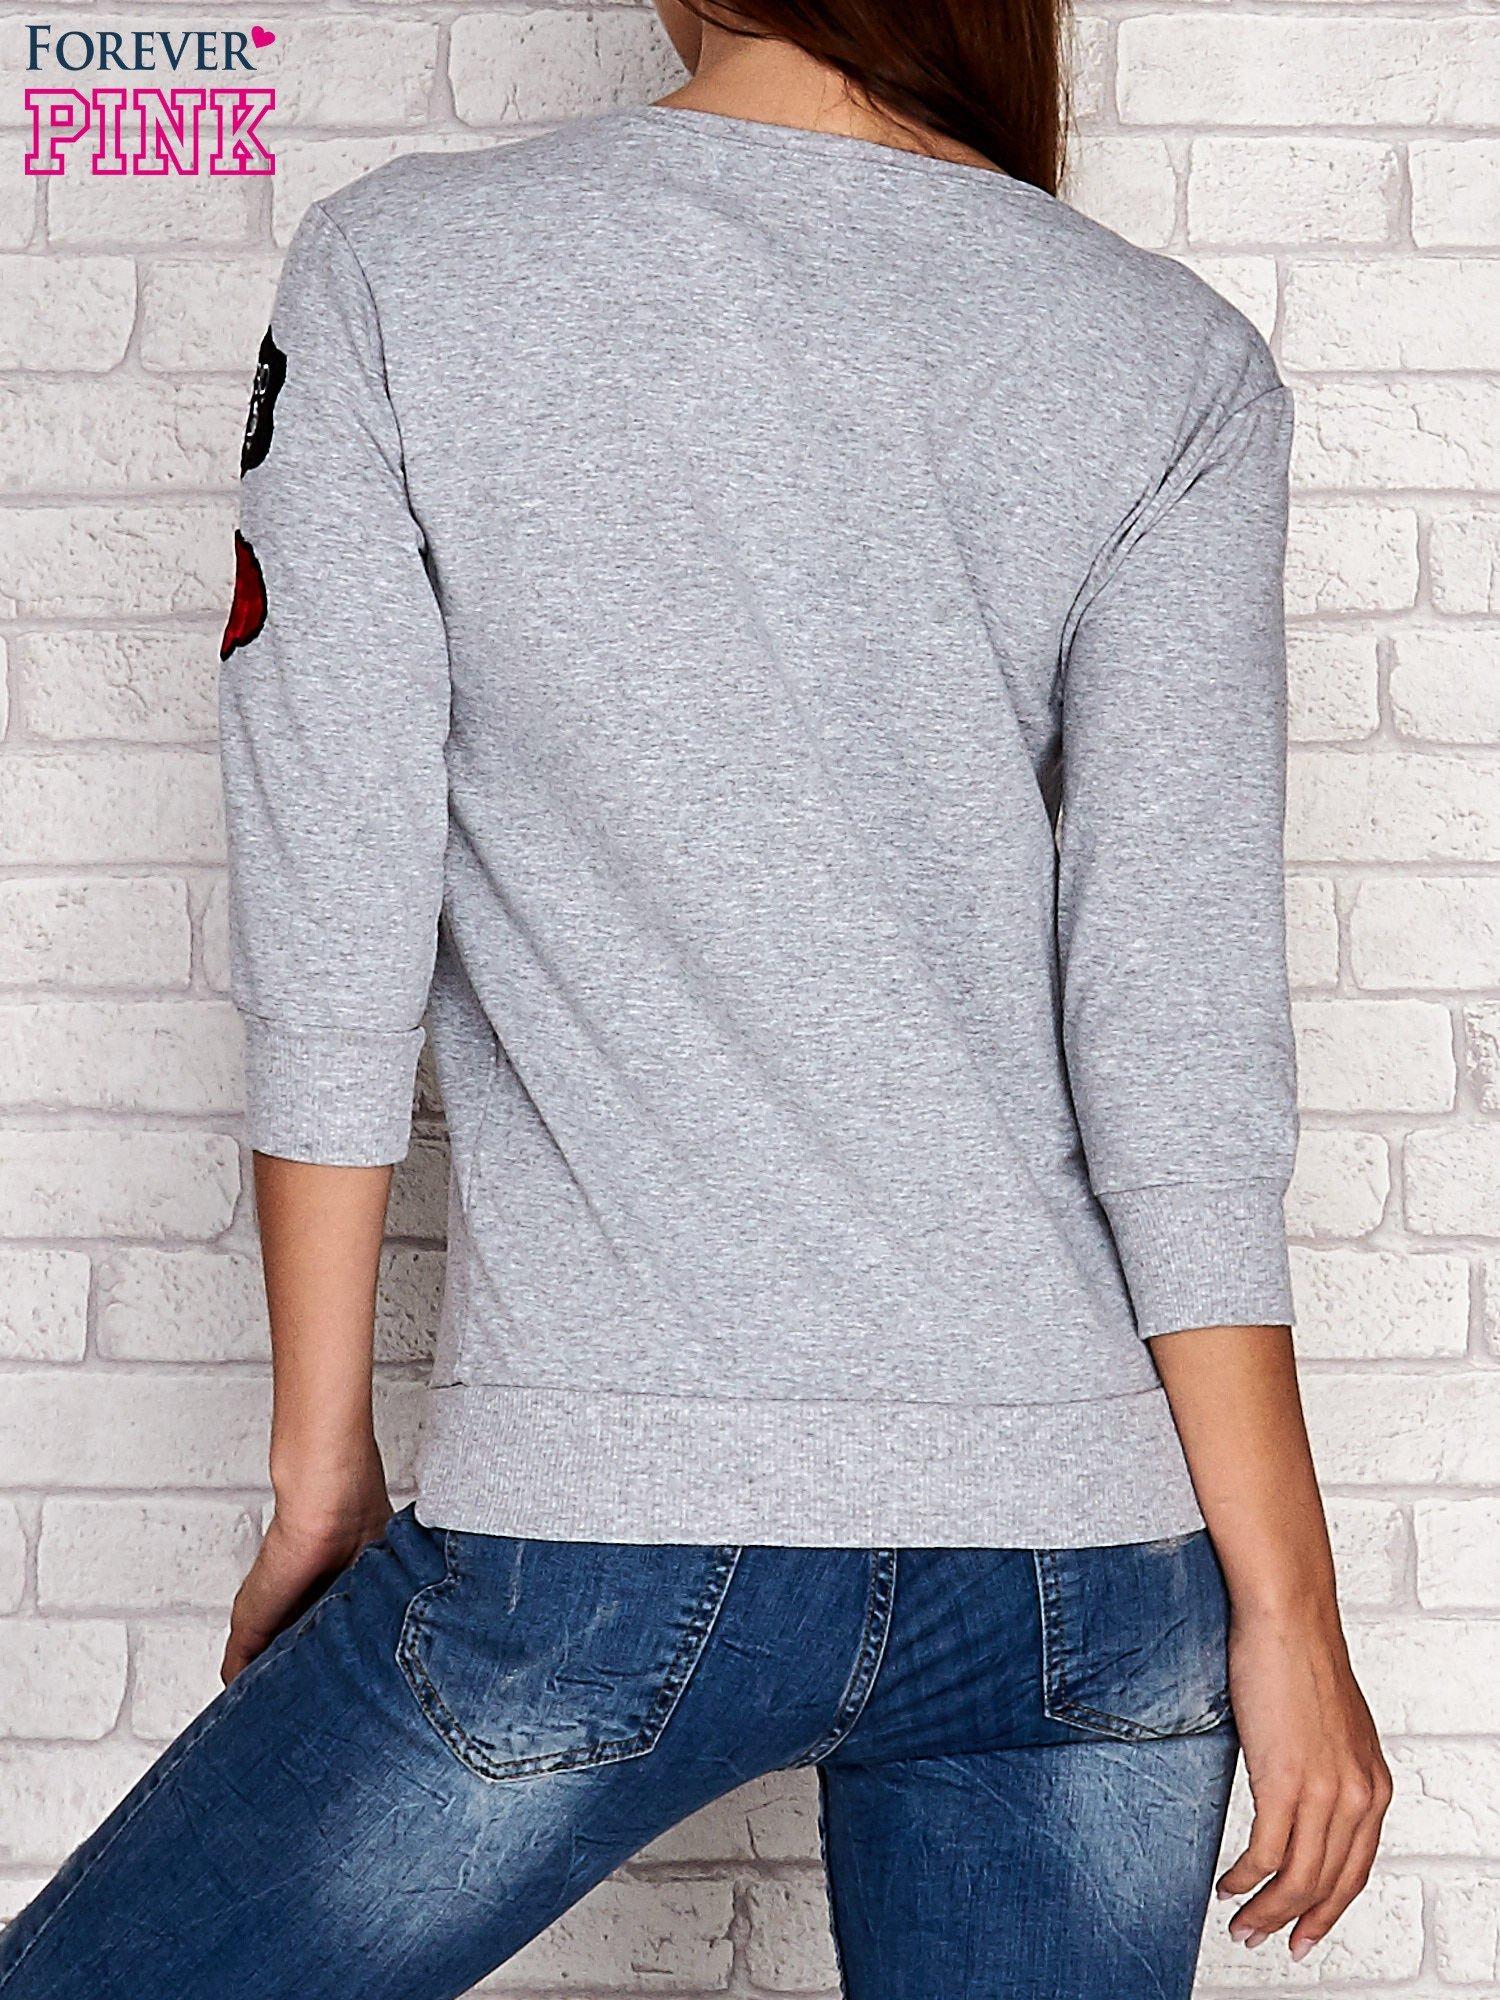 Szara bluza z naszywkami na rękawie                                  zdj.                                  2